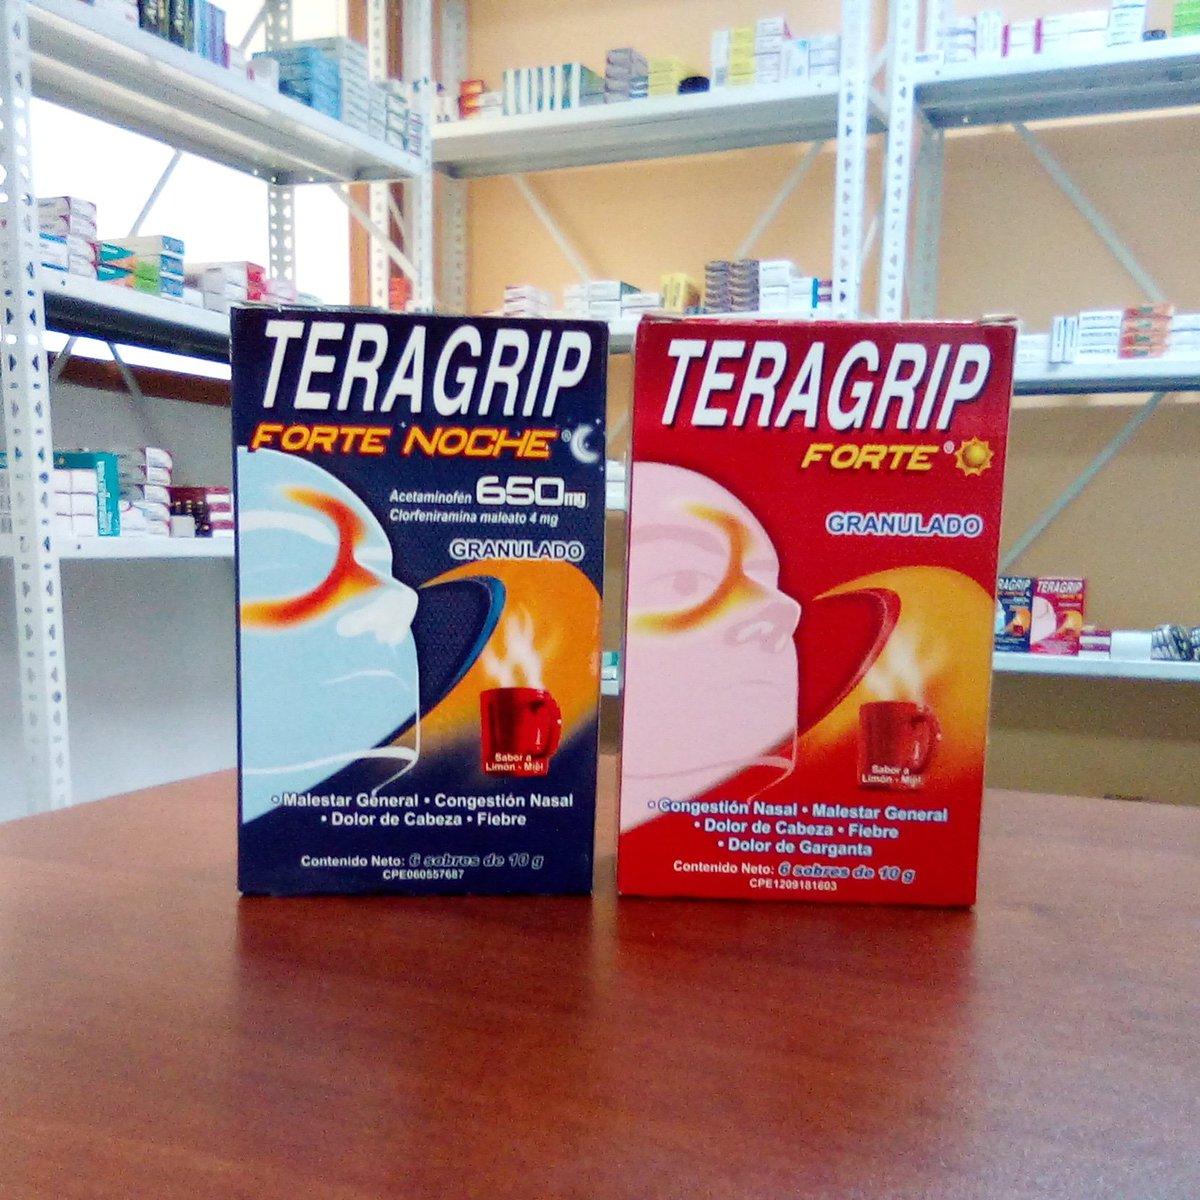 Teragrip granulado día y noche disponibles en Ciudad Farmacia. Contactanos al 📲+58(424) 290.70.39 para disponibilidad y precios.  #teragrip #antigripal #medicina #medicamentos #farmacia #caracas